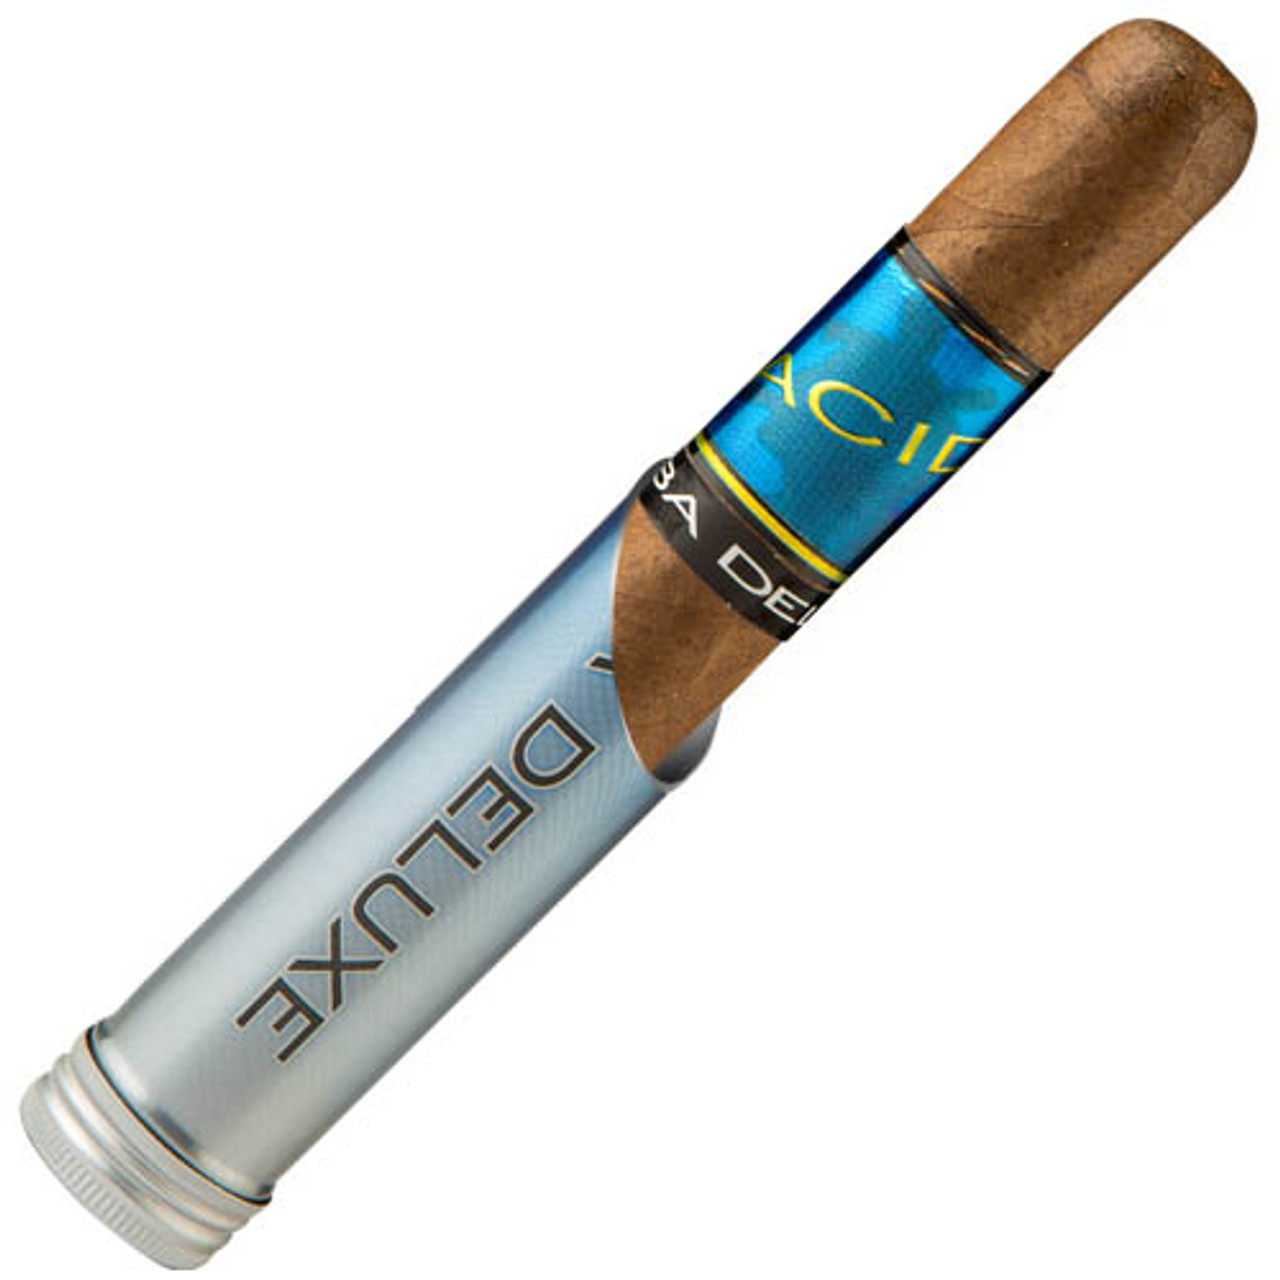 Acid Kuba Kuba Deluxe Tubed Cigars - 6 x 50 (Box of 10 Aluminum Tubes)